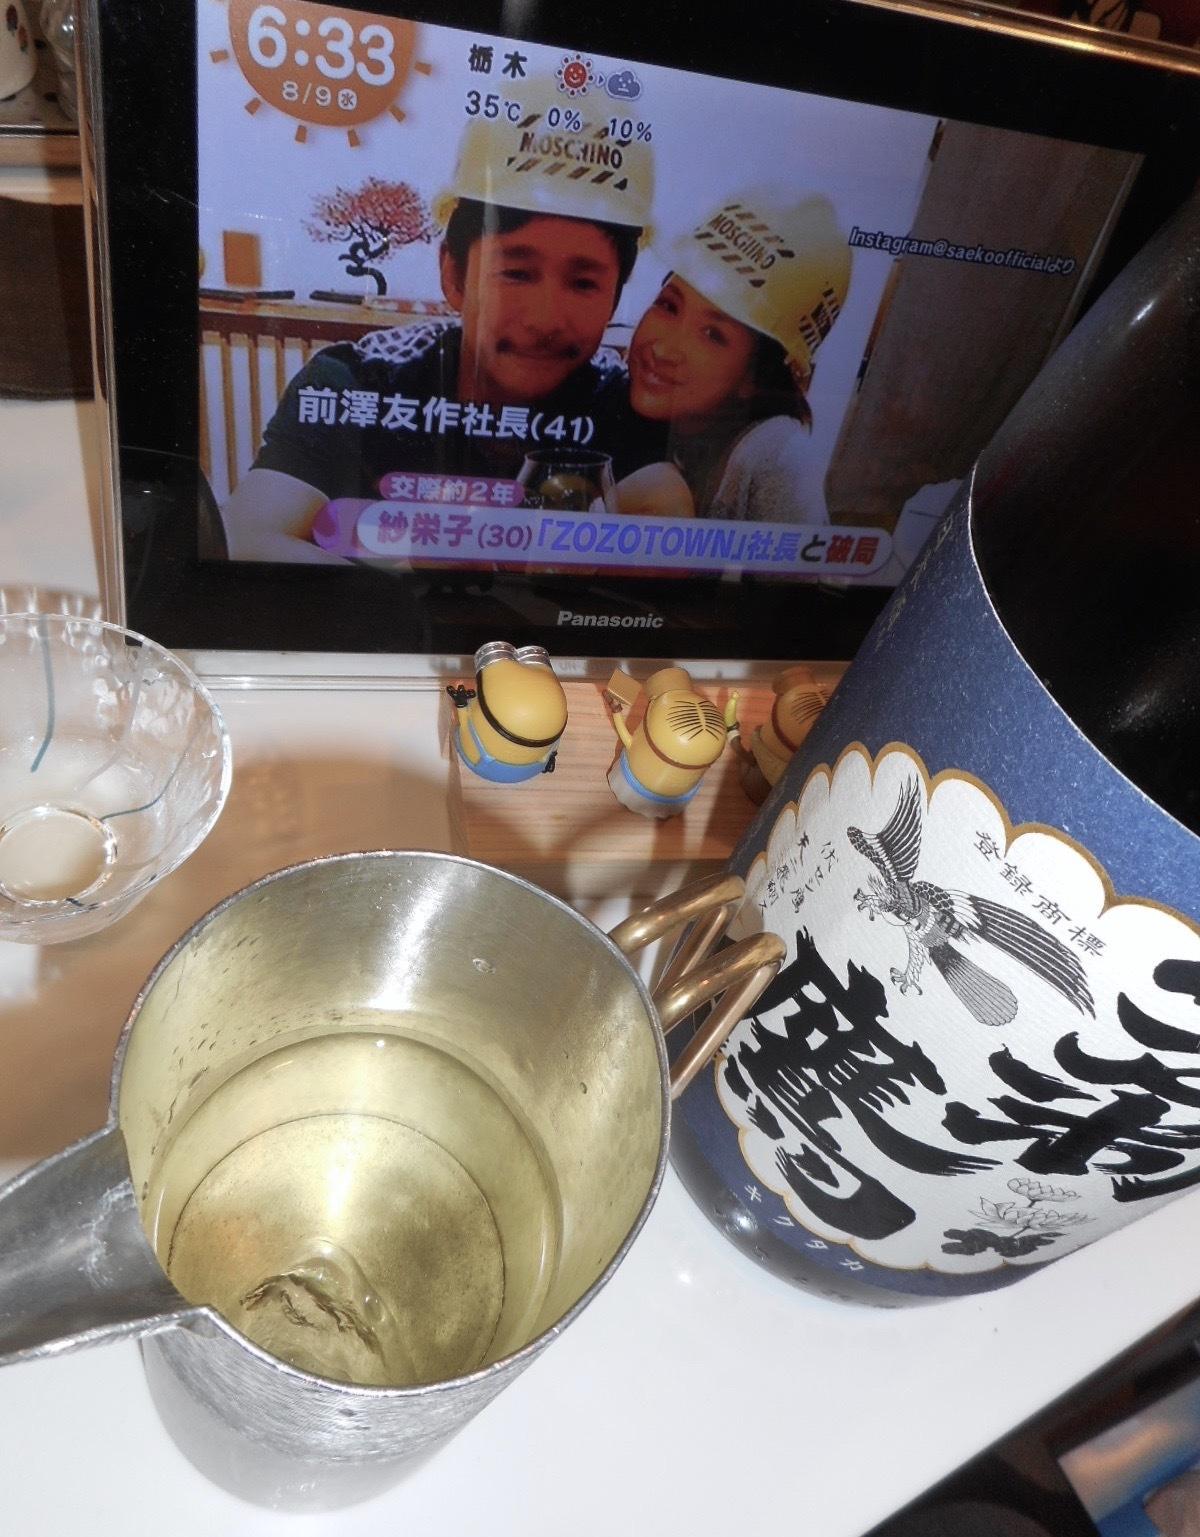 kikutaka_shifuku_nama27by15.jpg